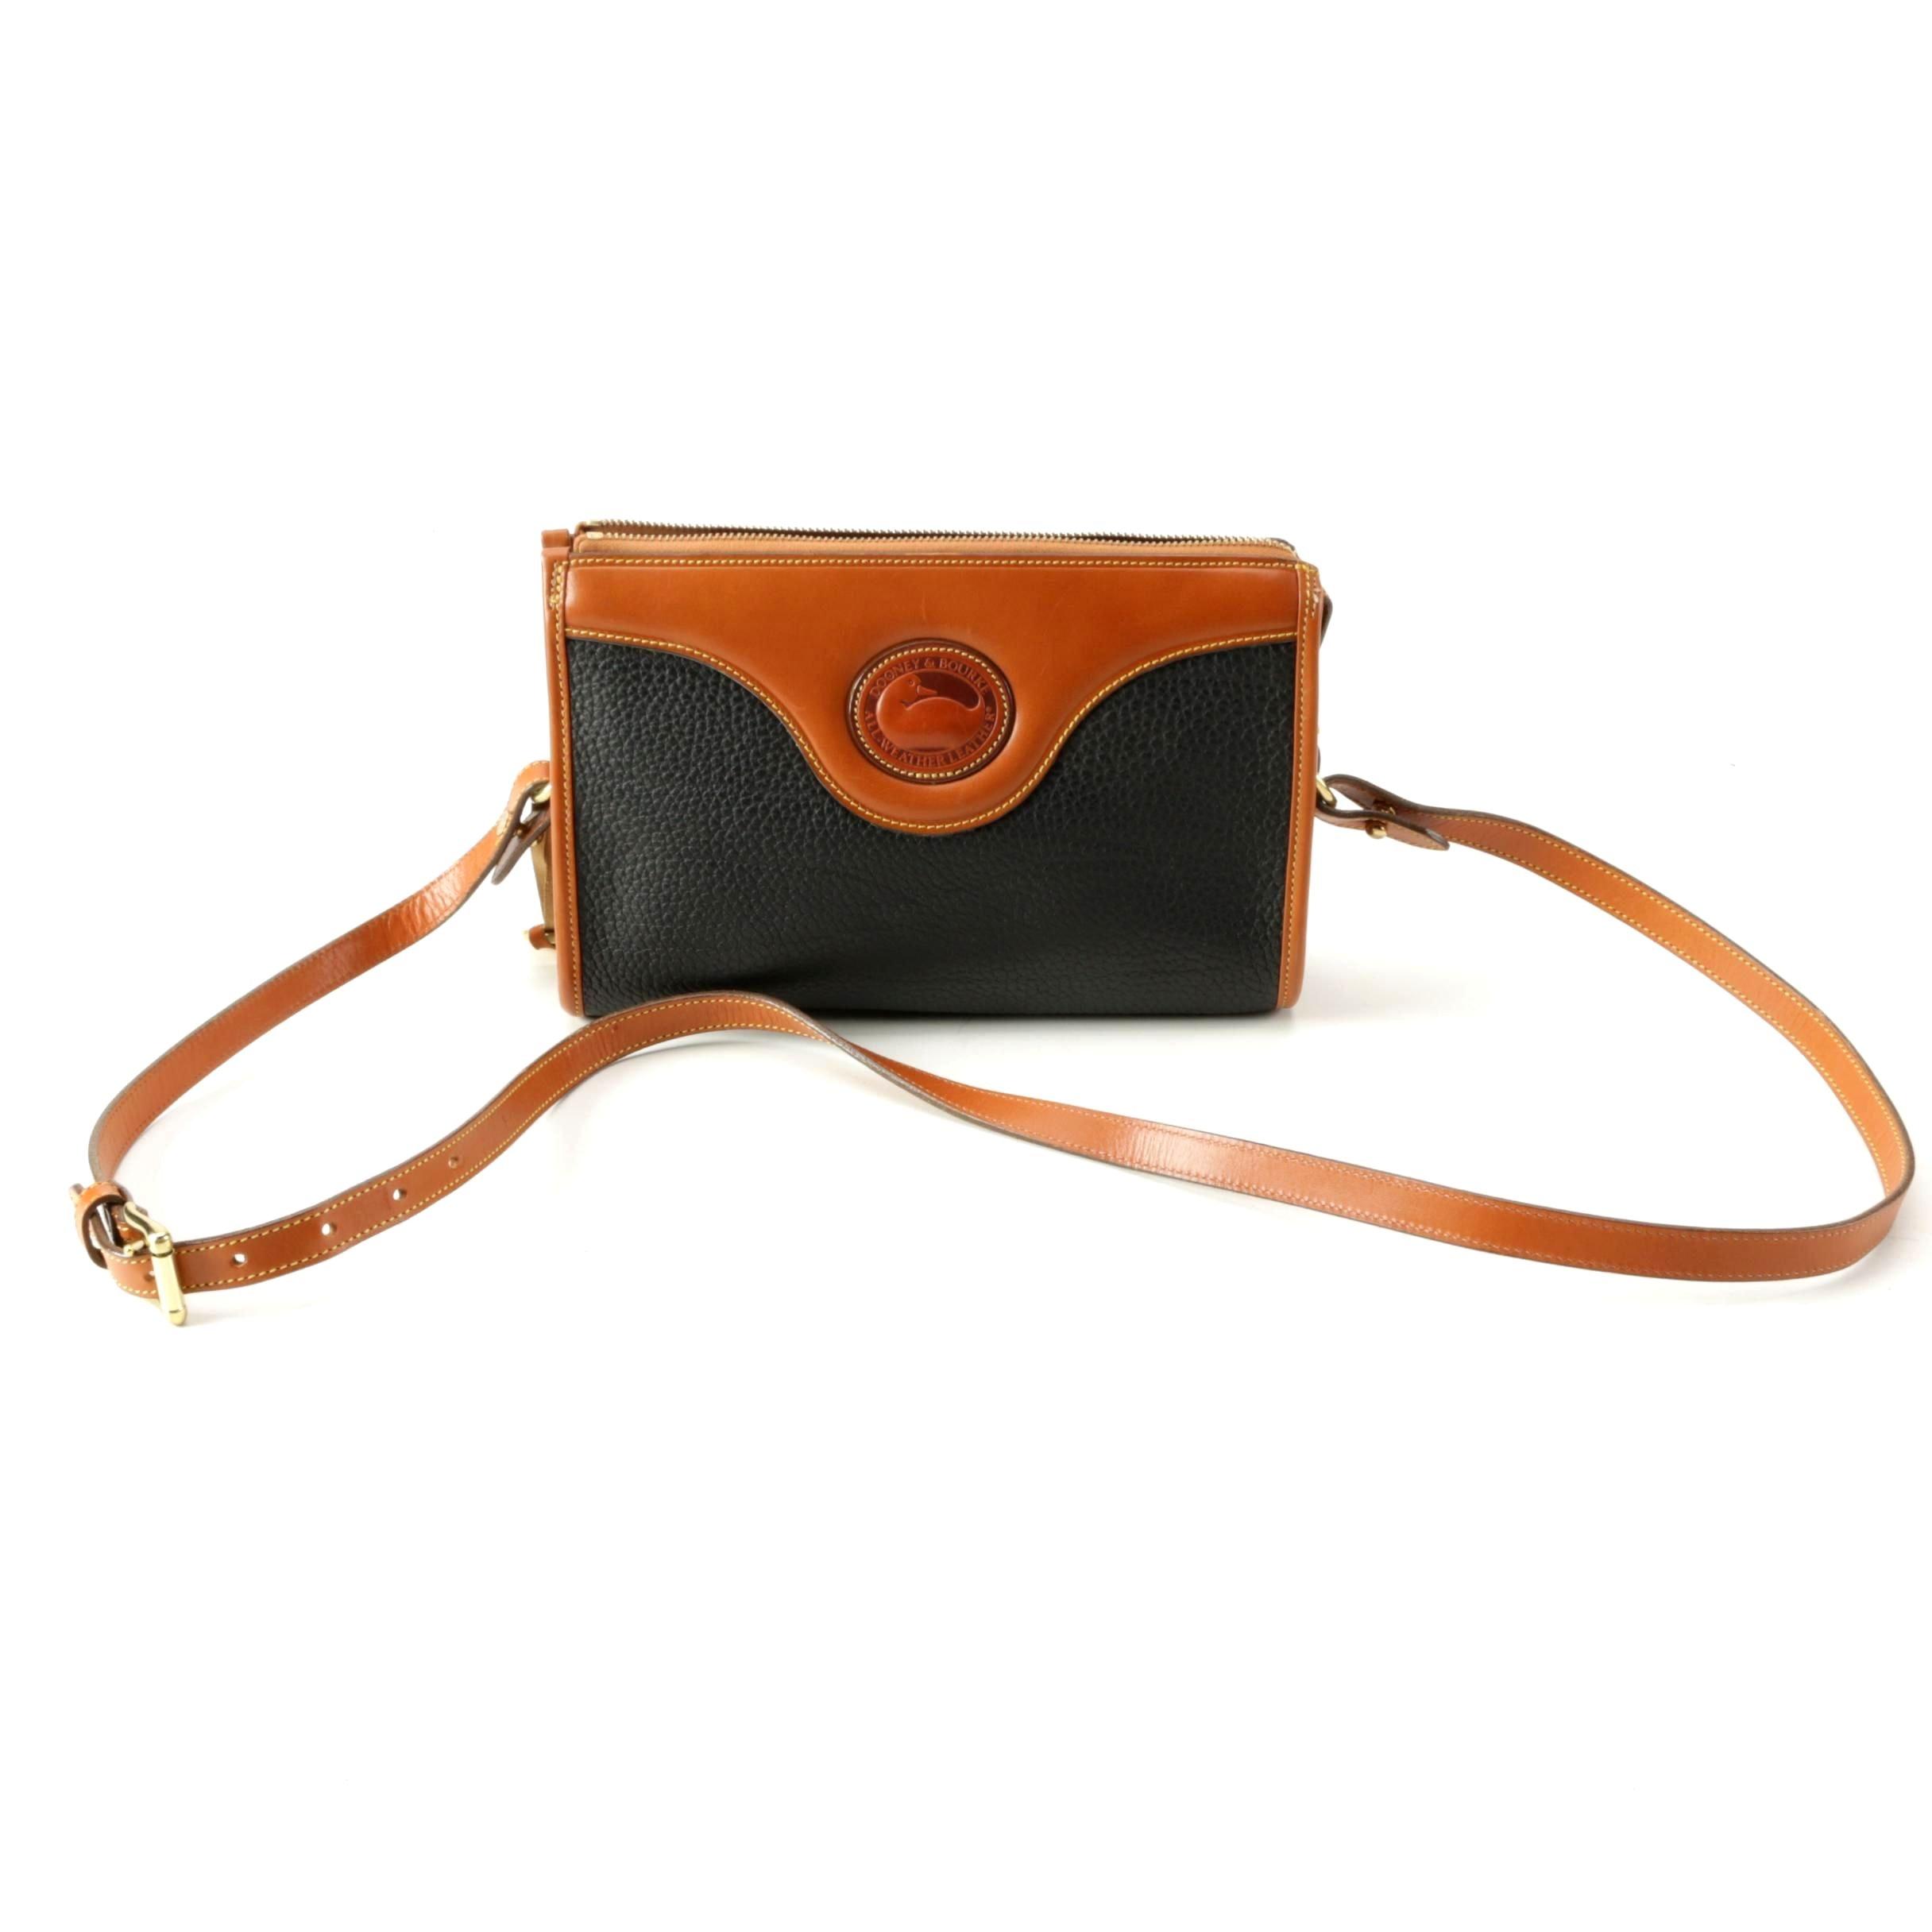 Dooney & Bourke All-Weather Leather Shoulder Bag with Adjustable Strap